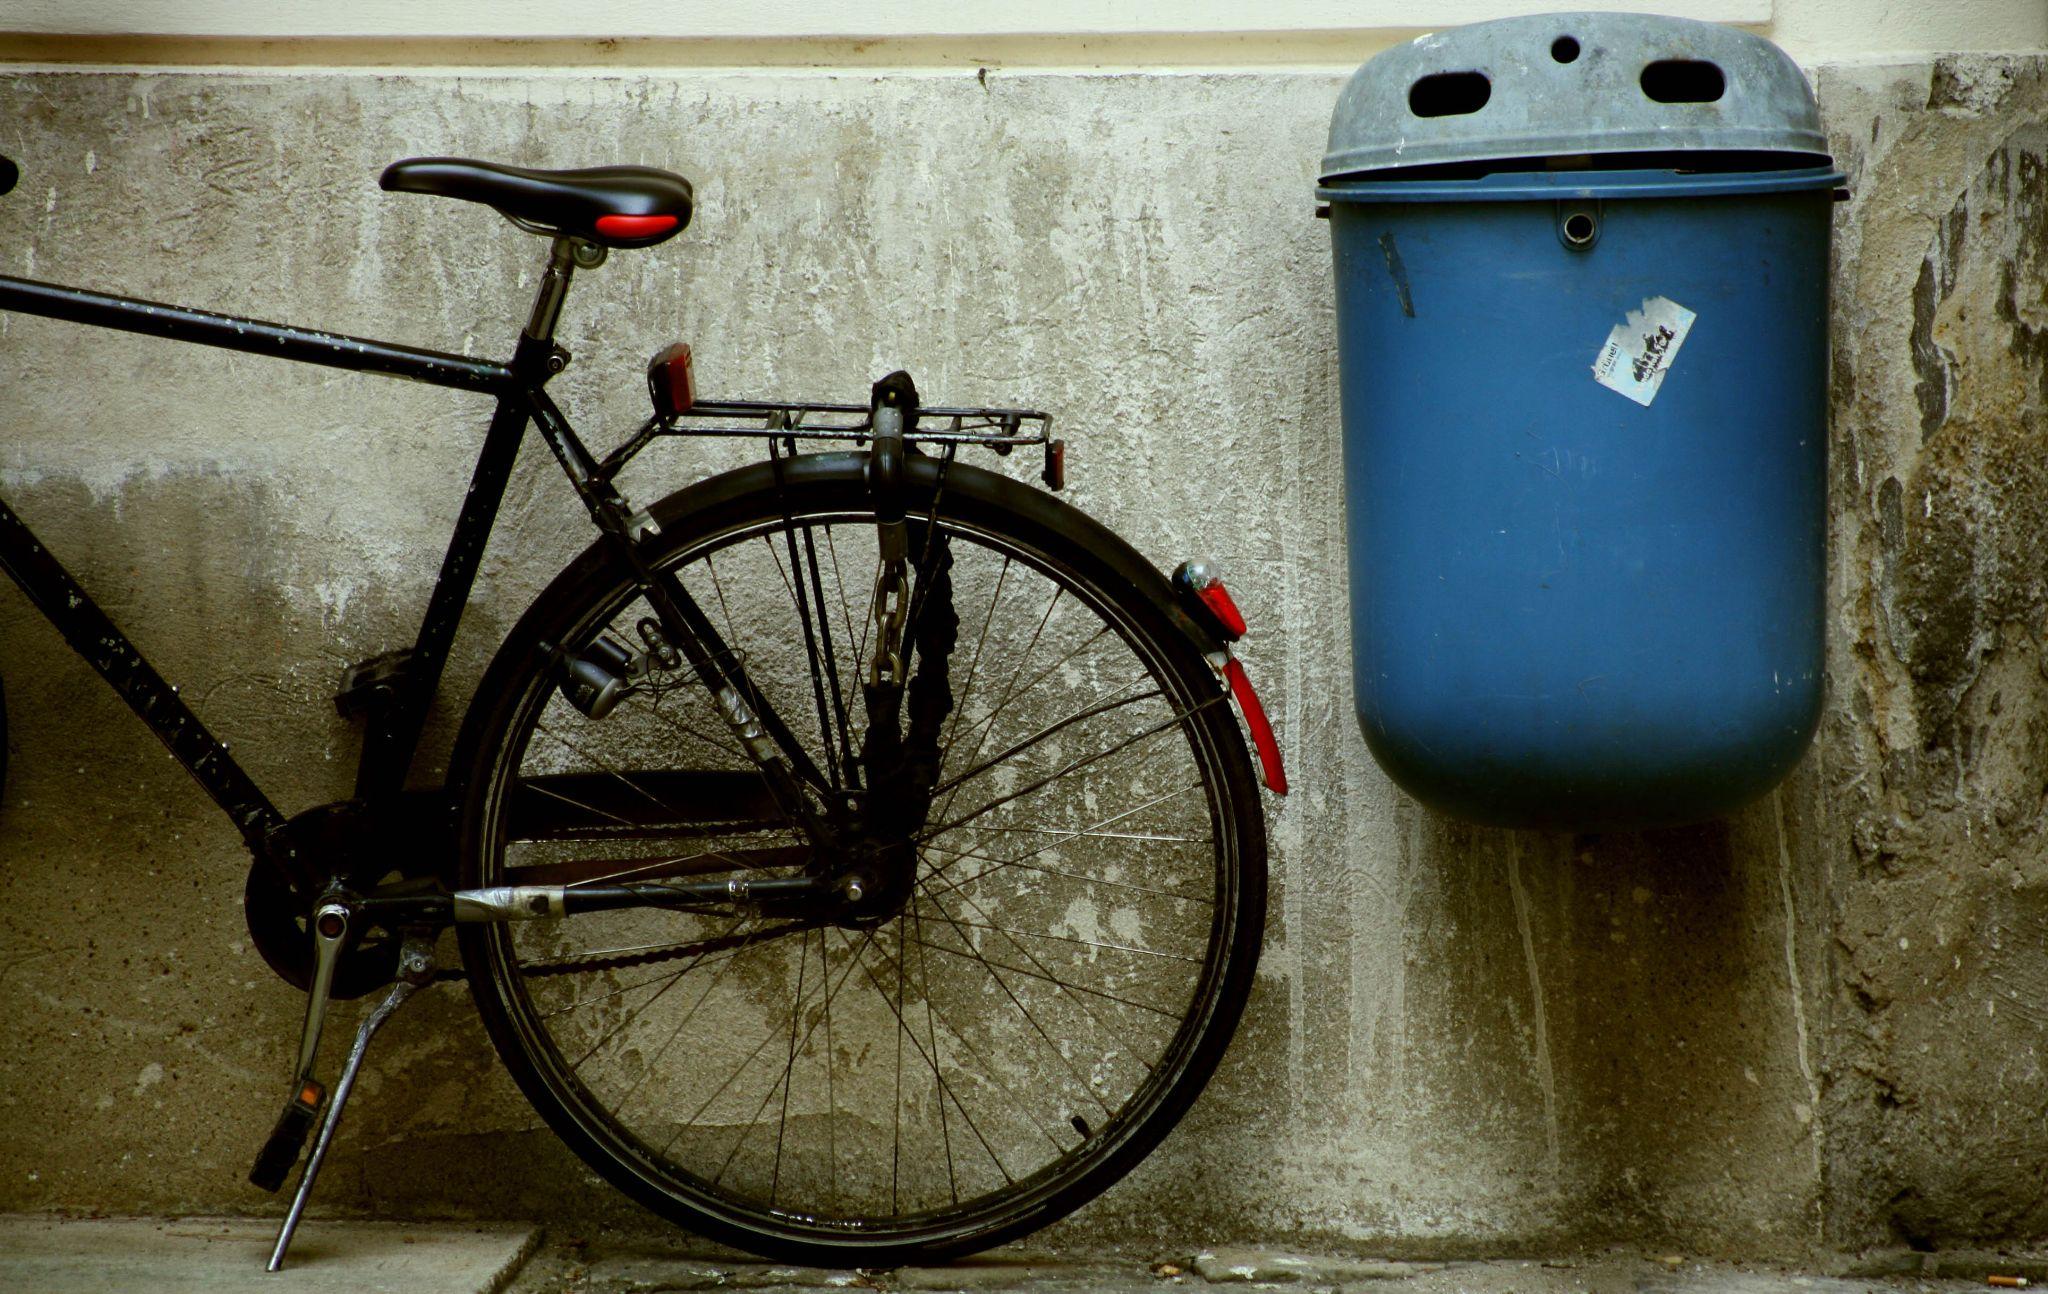 Fahrrad by Can Berkol